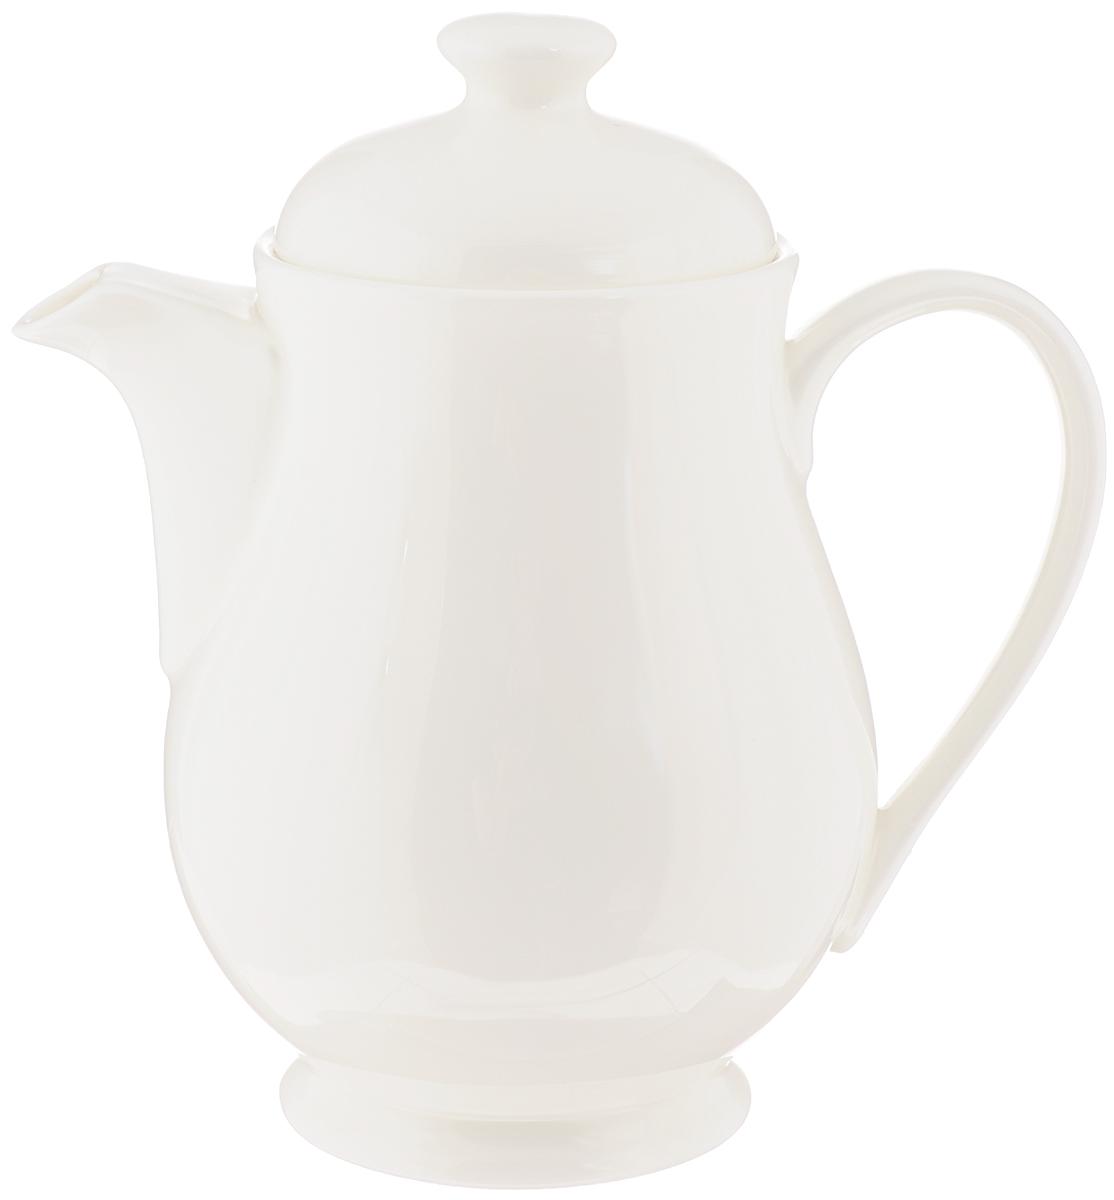 Чайник заварочный Wilmax, 650 мл. WL-994026 / 1CWL-994026 / 1CЗаварочный чайник Wilmax изготовлен из высококачественного фарфора. Глазурованное покрытие обеспечивает легкую очистку. Изделие прекрасно подходит для заваривания вкусного и ароматного чая, а также травяных настоев. Отверстия в основании носика препятствует попаданию чаинок в чашку. Оригинальный дизайн сделает чайник настоящим украшением стола. Он удобен в использовании и понравится каждому.Можно мыть в посудомоечной машине и использовать в микроволновой печи. Диаметр чайника (по верхнему краю): 7,5 см. Высота чайника (без учета крышки): 13 см. Высота чайника (с учетом крышки): 16 см.